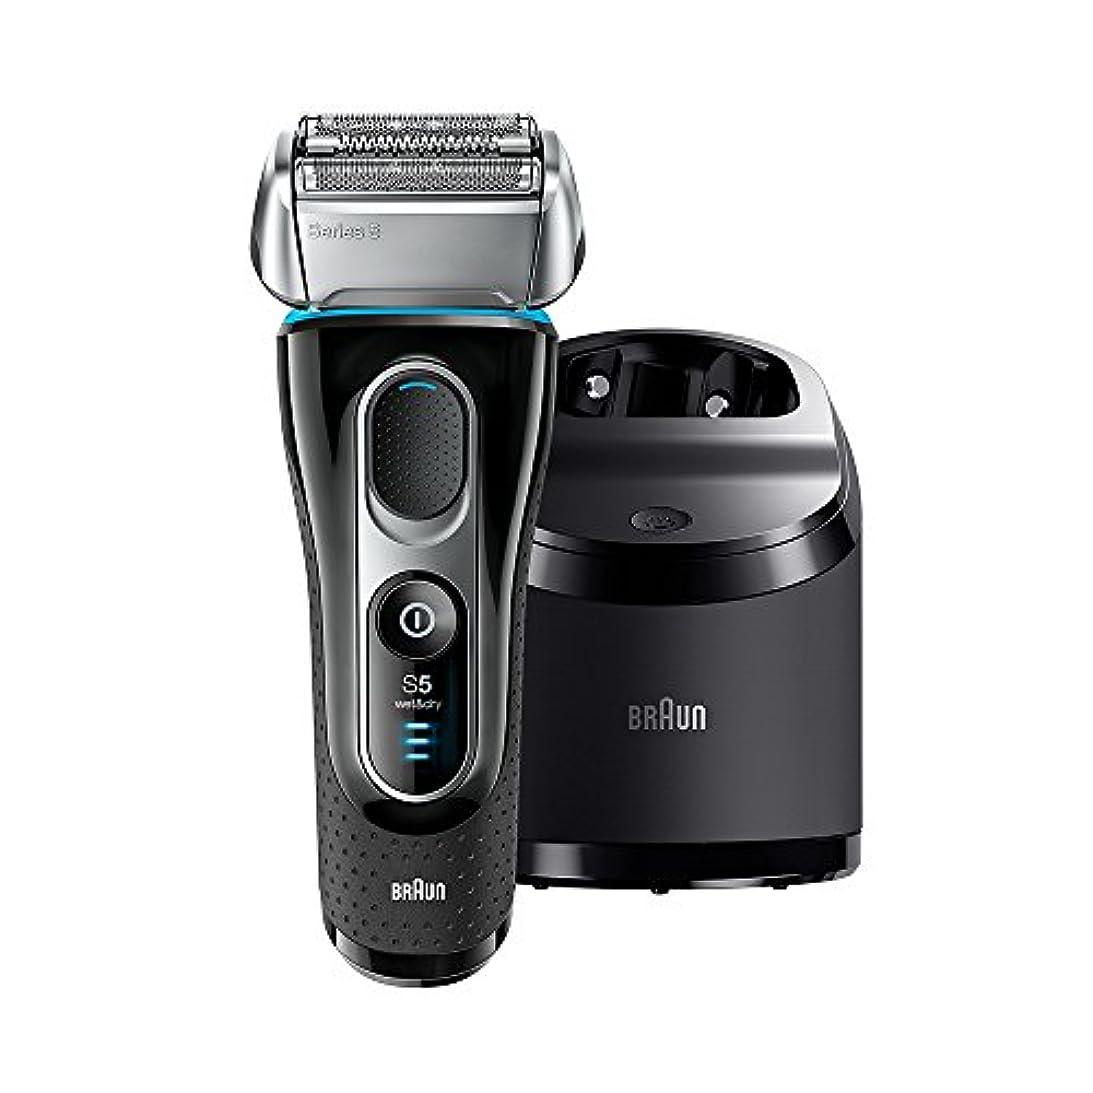 中性ほうき考えブラウン シリーズ5 メンズ電気シェーバー  5197cc 4カットシステム 洗浄機付 水洗い可